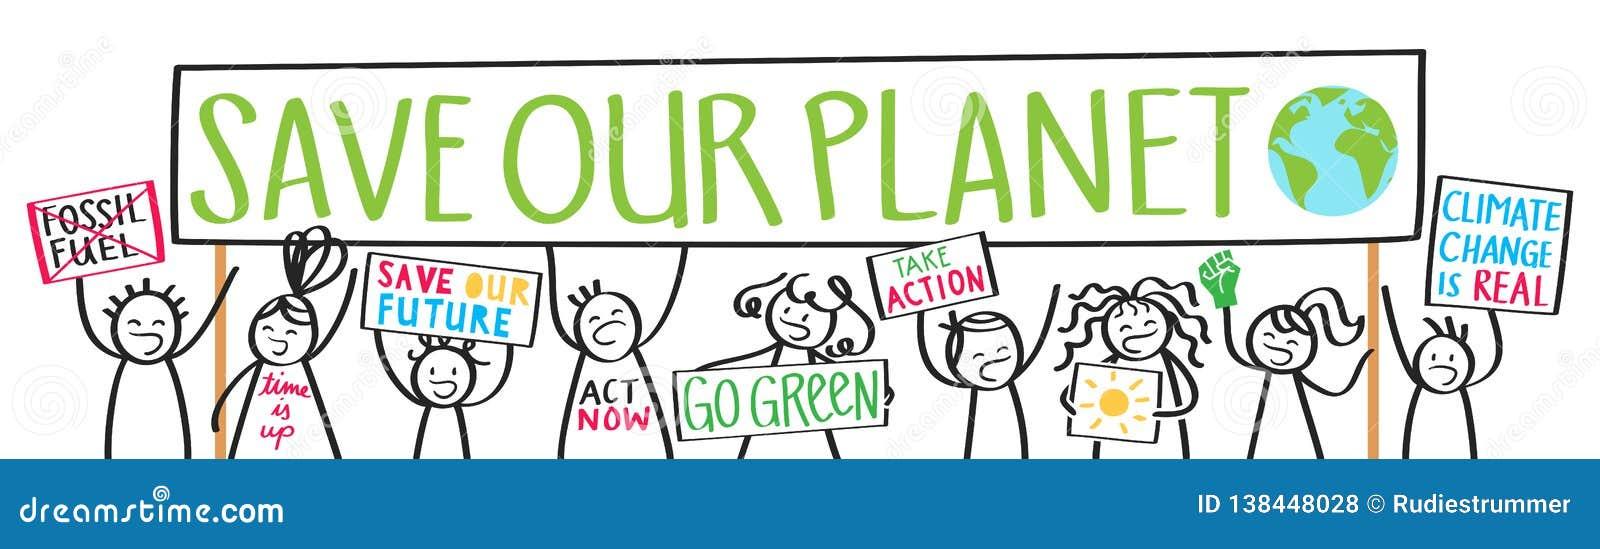 Dimostranti dei bambini della scuola, mutamento climatico, risparmi il nostro pianeta